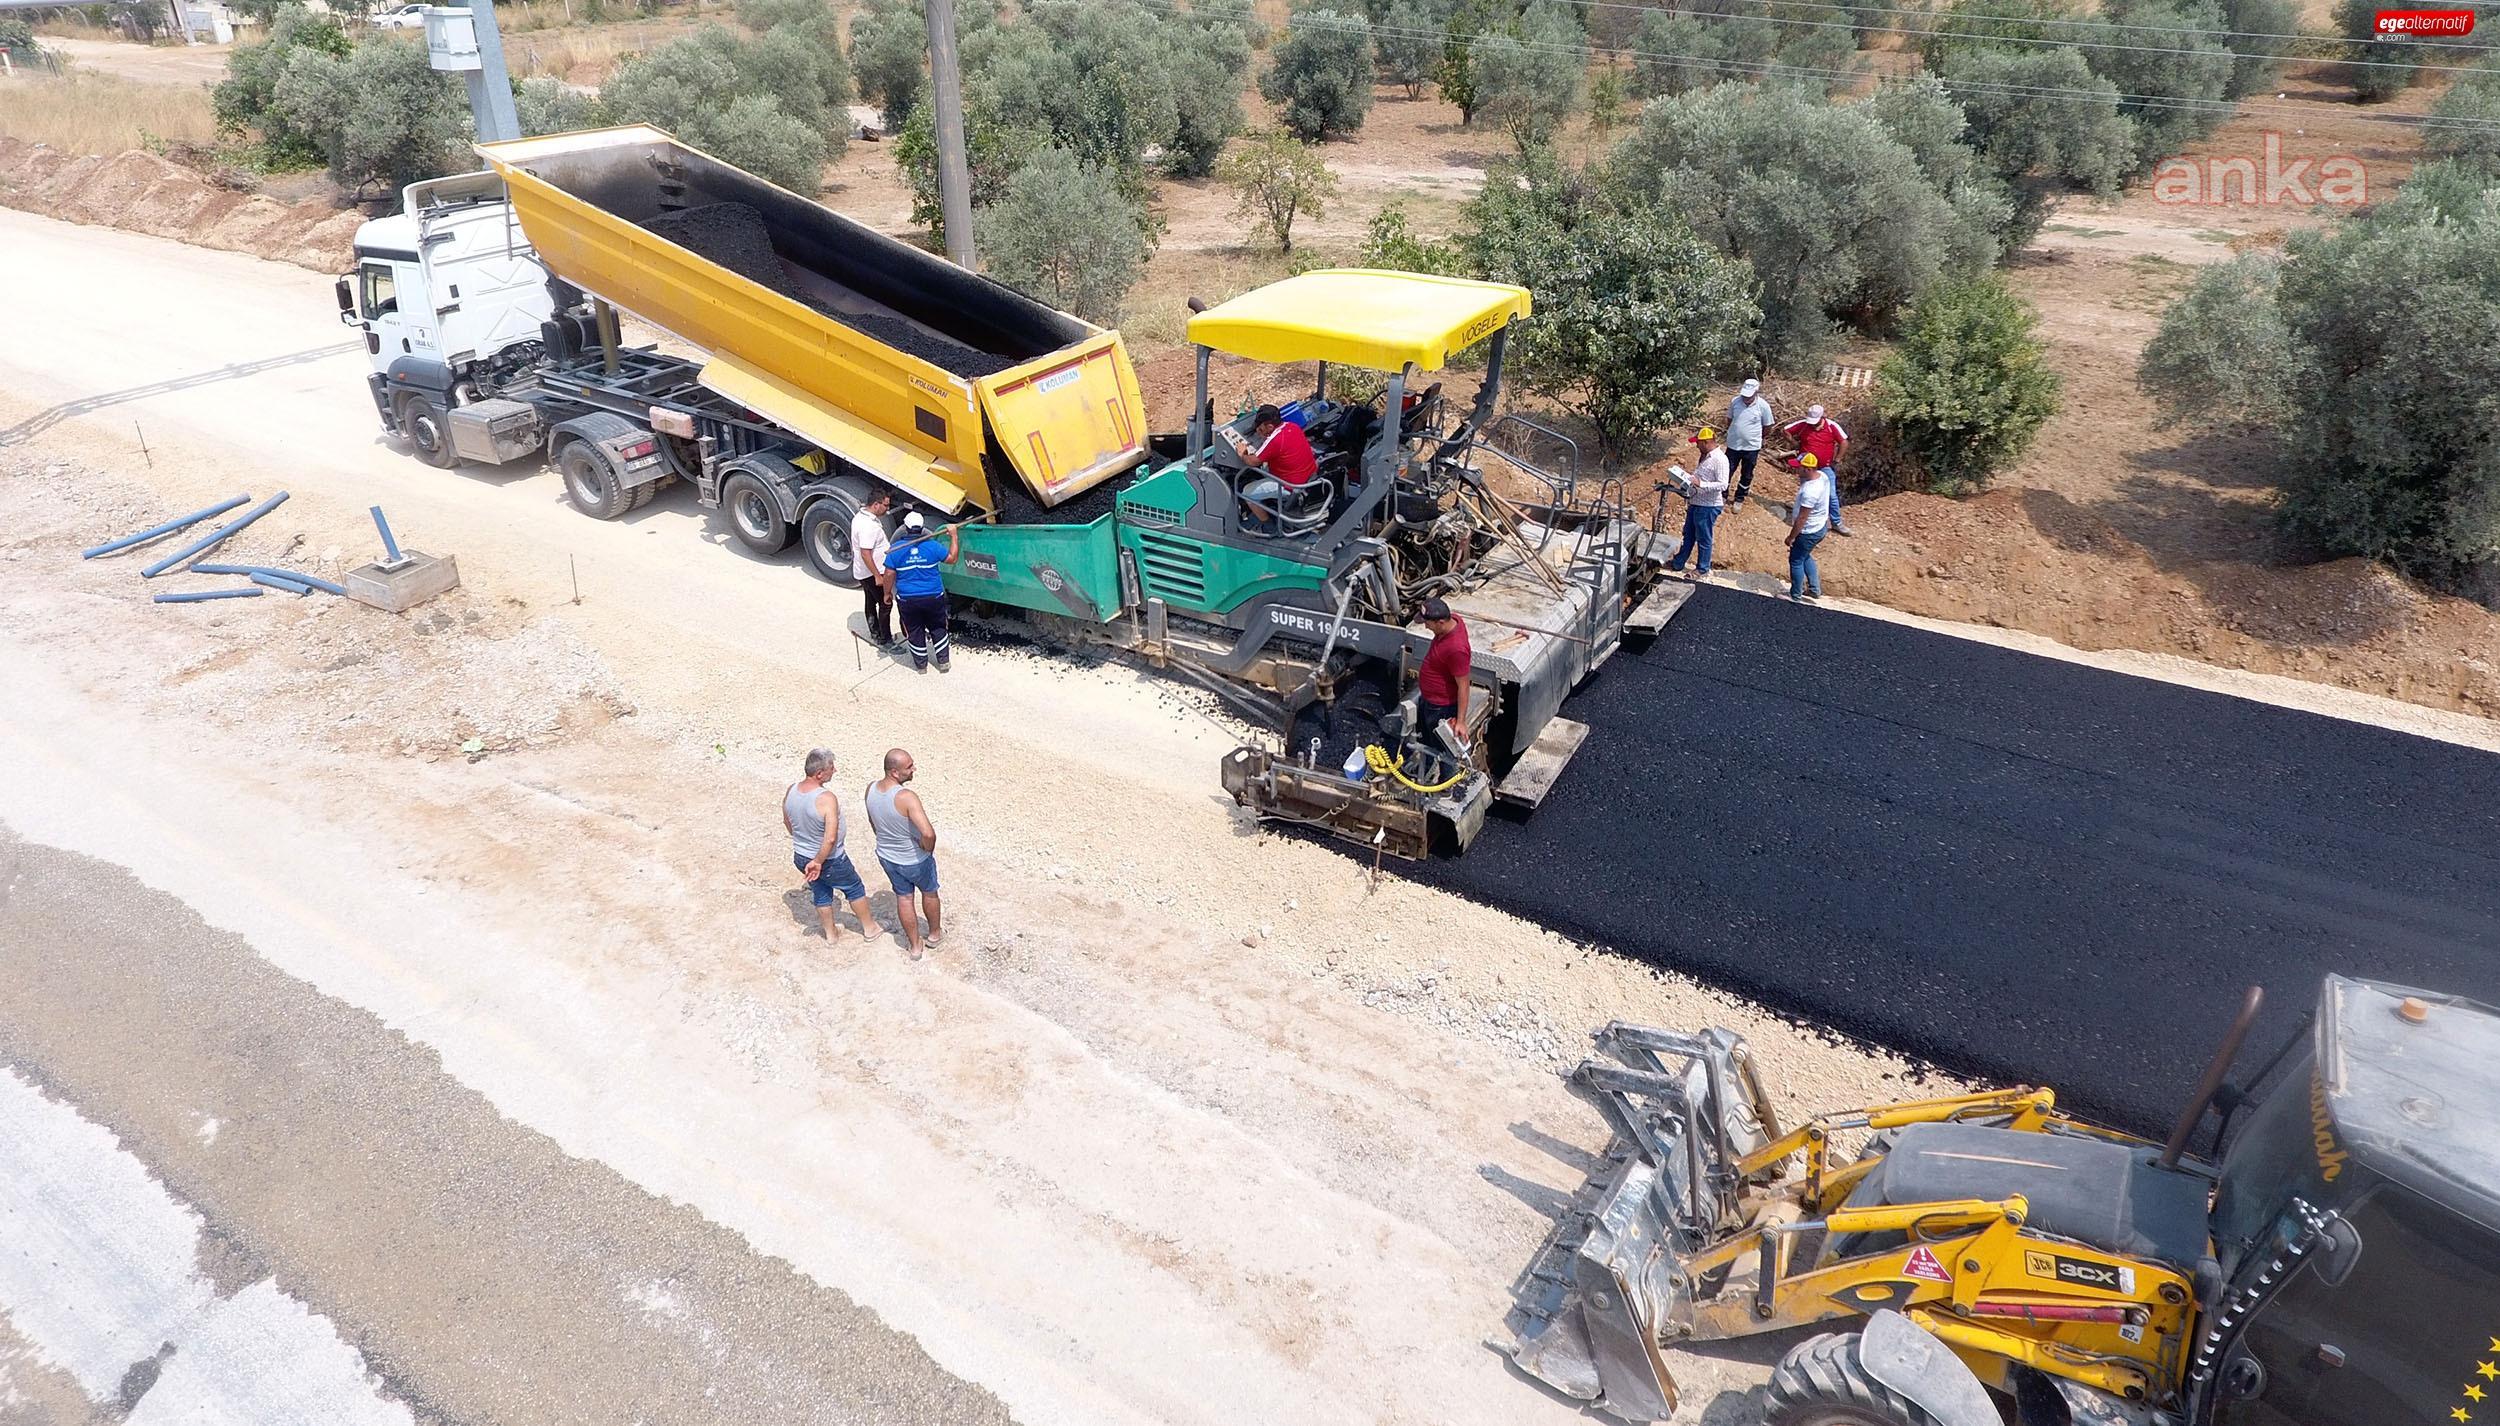 Ula'da sıcak asfalt kaplaması çalışmaları başladı